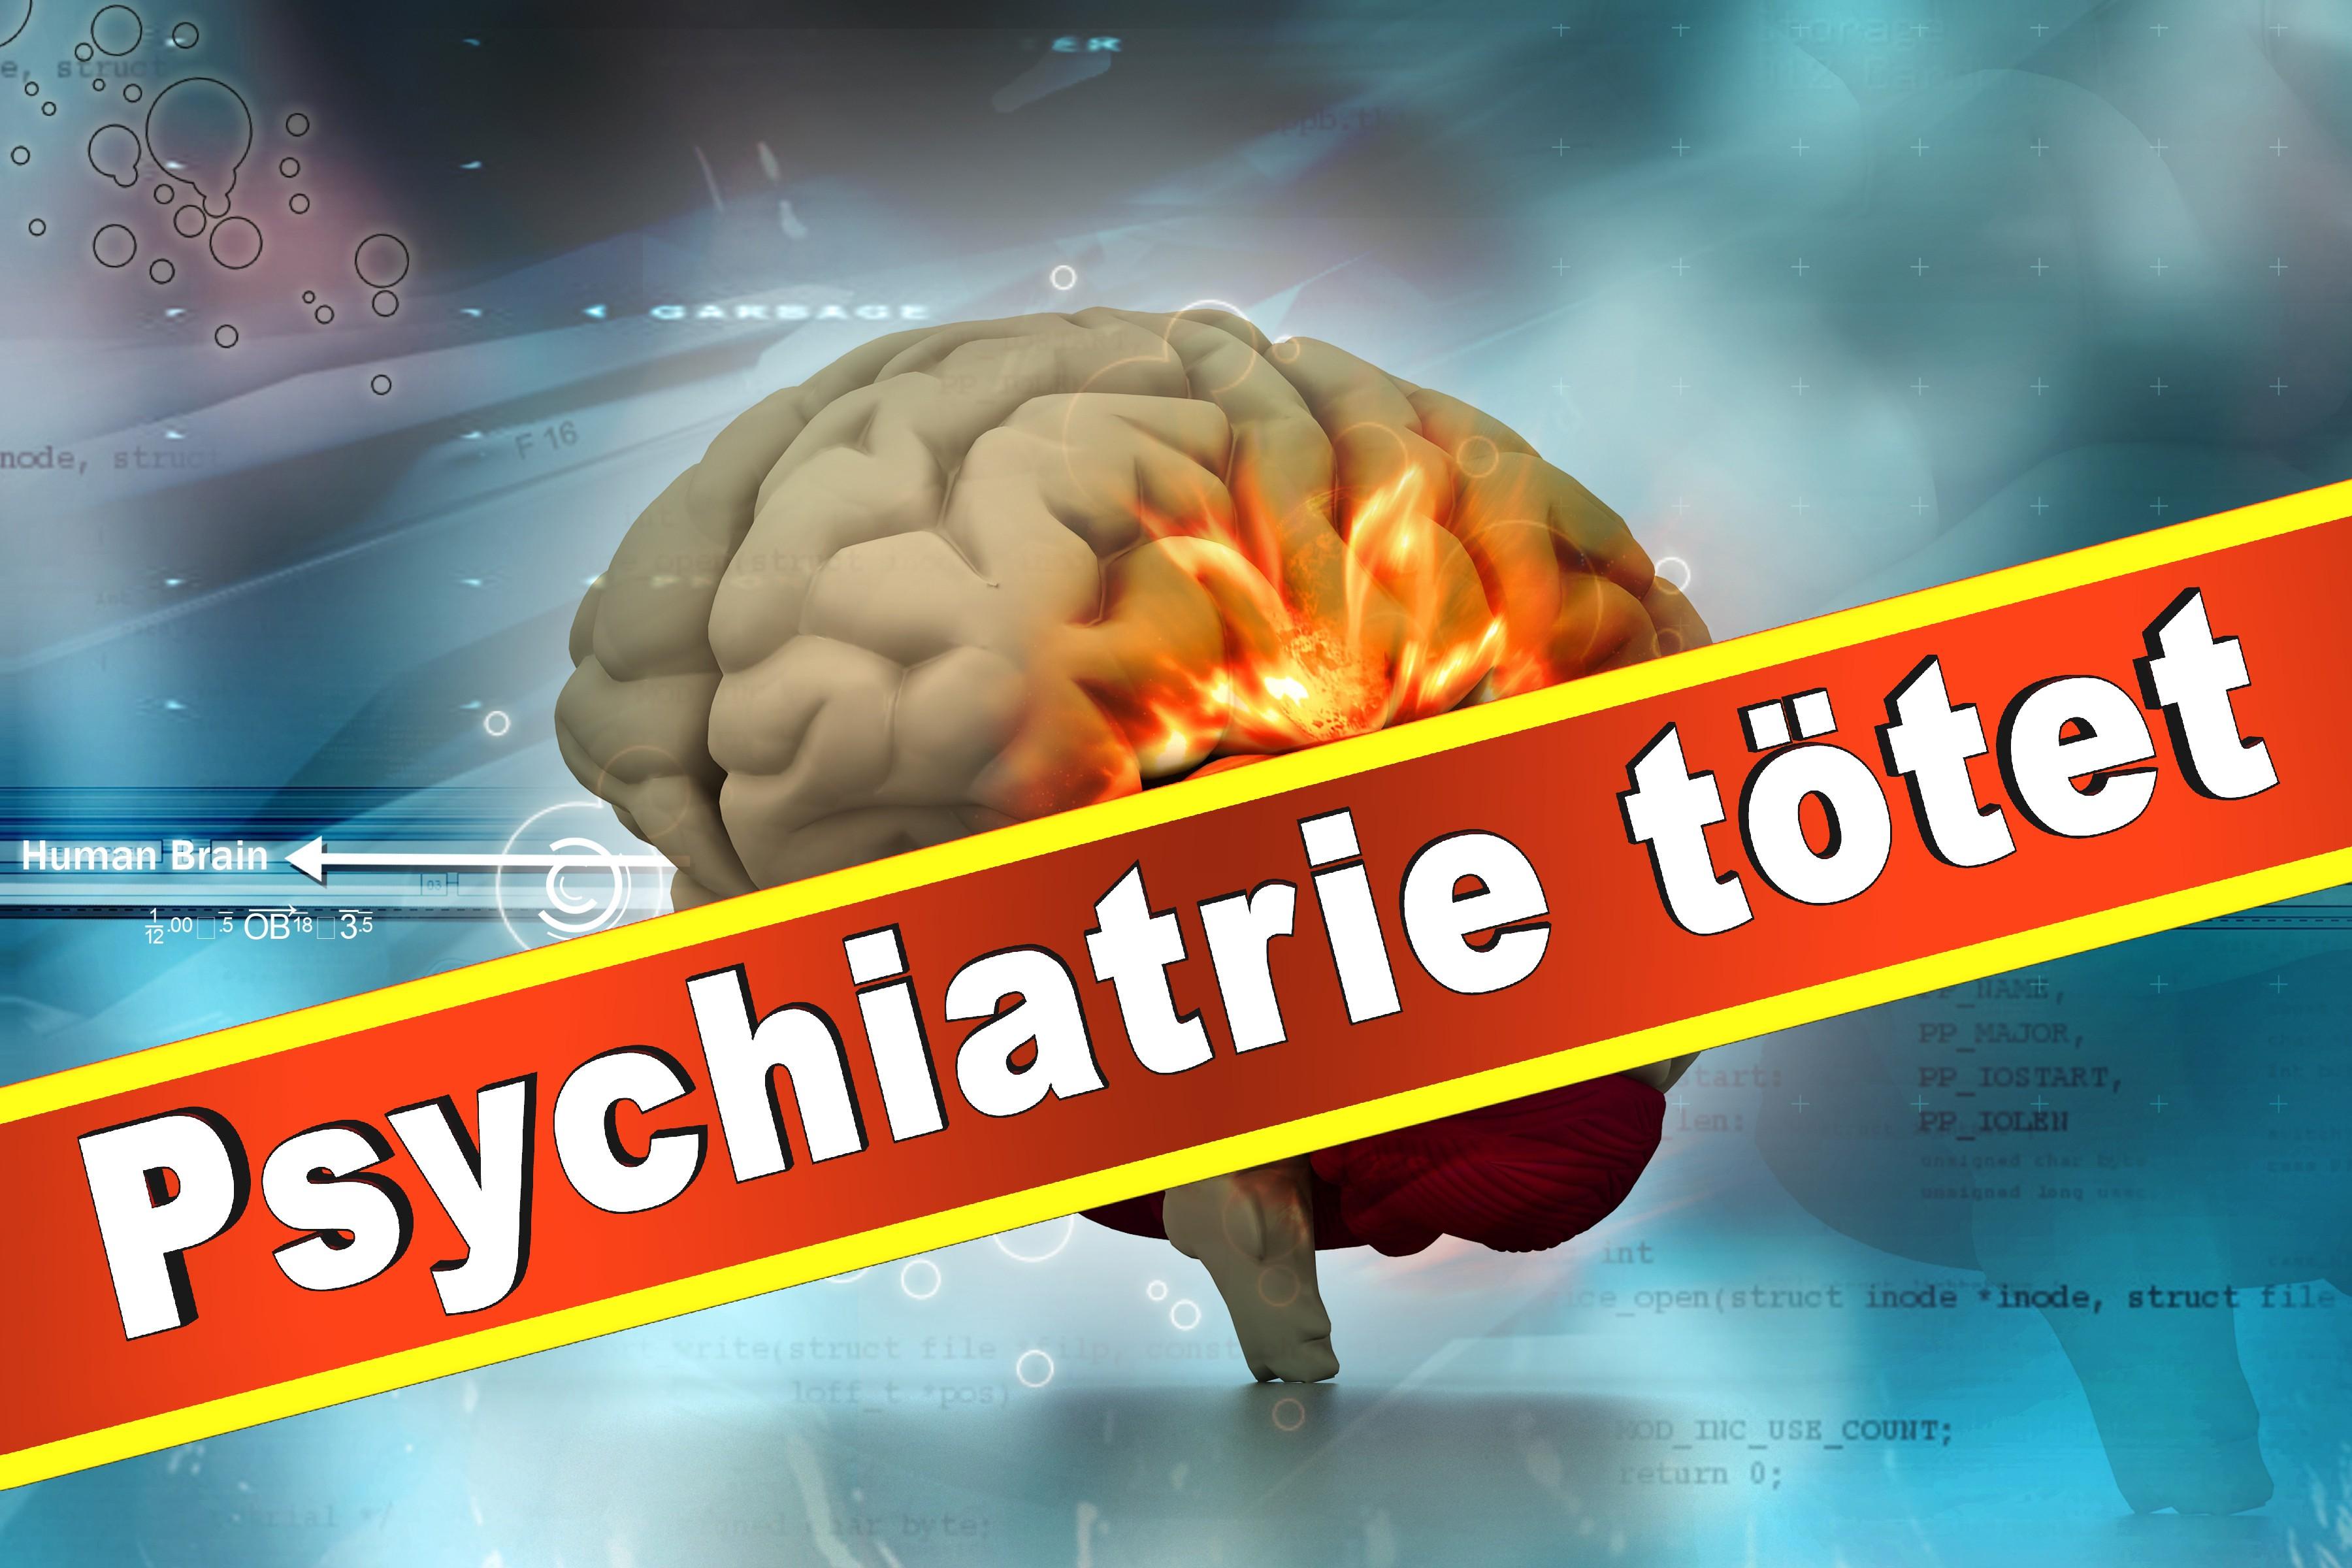 Carl Ernst Von Schönfeld Tagesklinik Medikamente Psychiatrie Tod Bethel Psychiater Korruption Gift Zwangspsychiatrie Unterbringung Psychiater Achim Geller Friedhof Adolf Hitler Euthanasie (5)